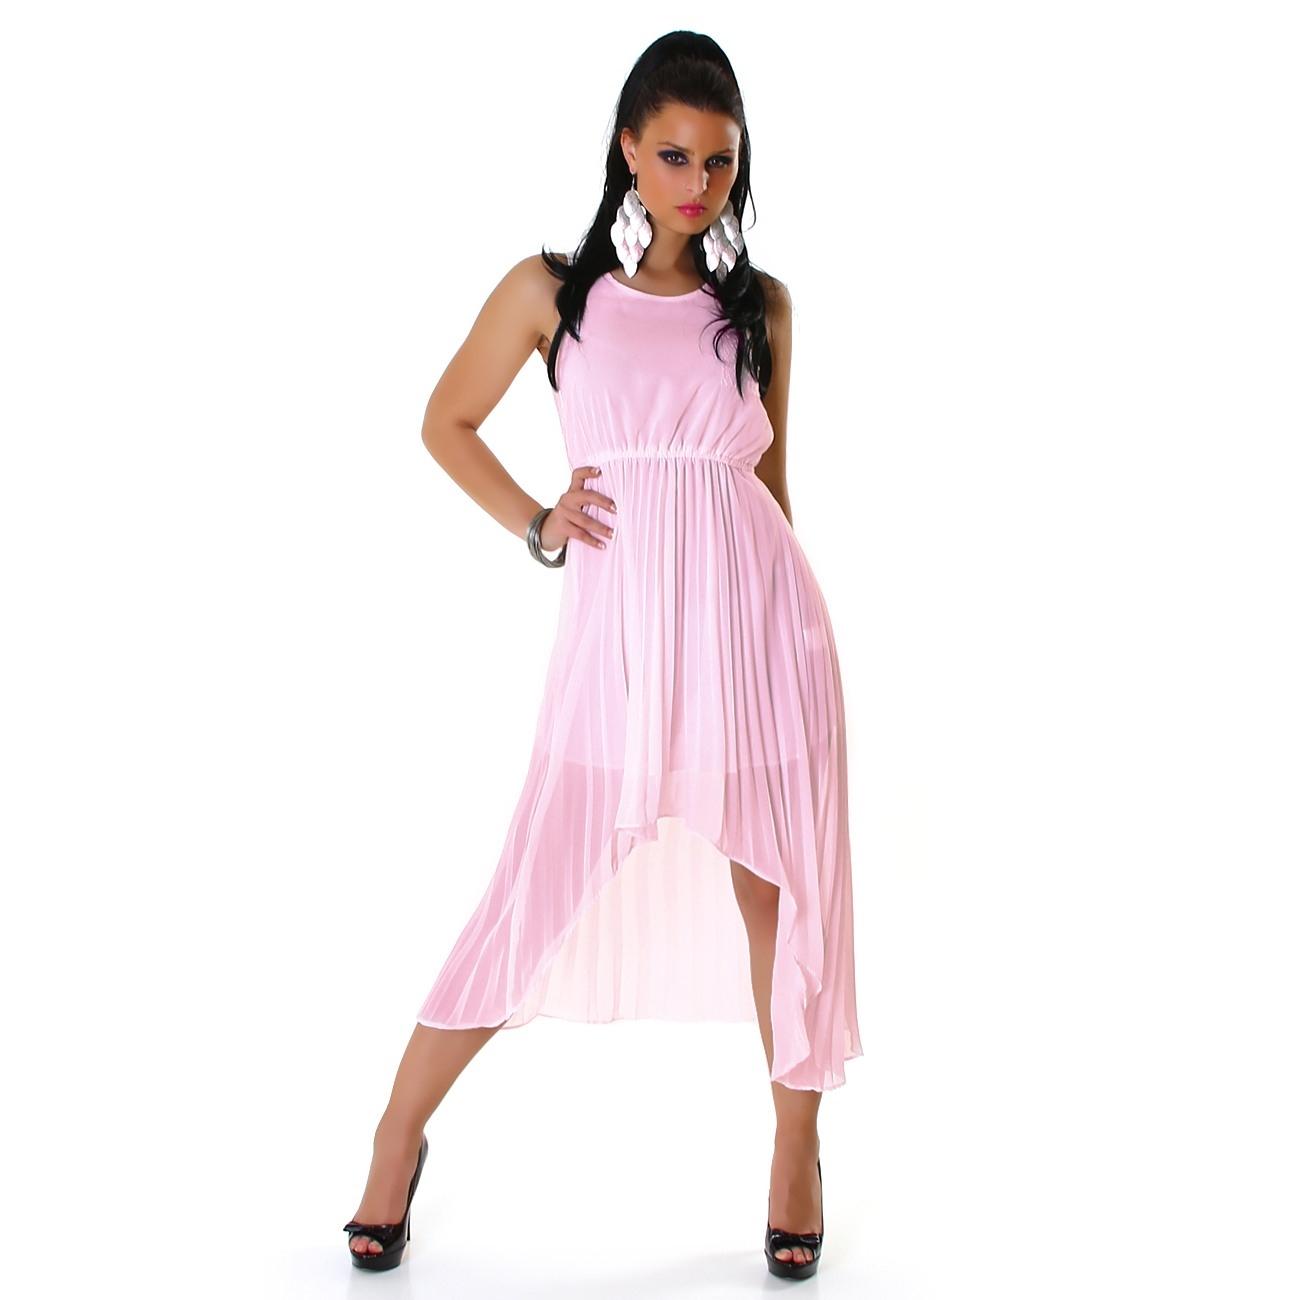 13 Einzigartig Günstige Abendkleider Online Bestellen Bester Preis10 Wunderbar Günstige Abendkleider Online Bestellen Ärmel